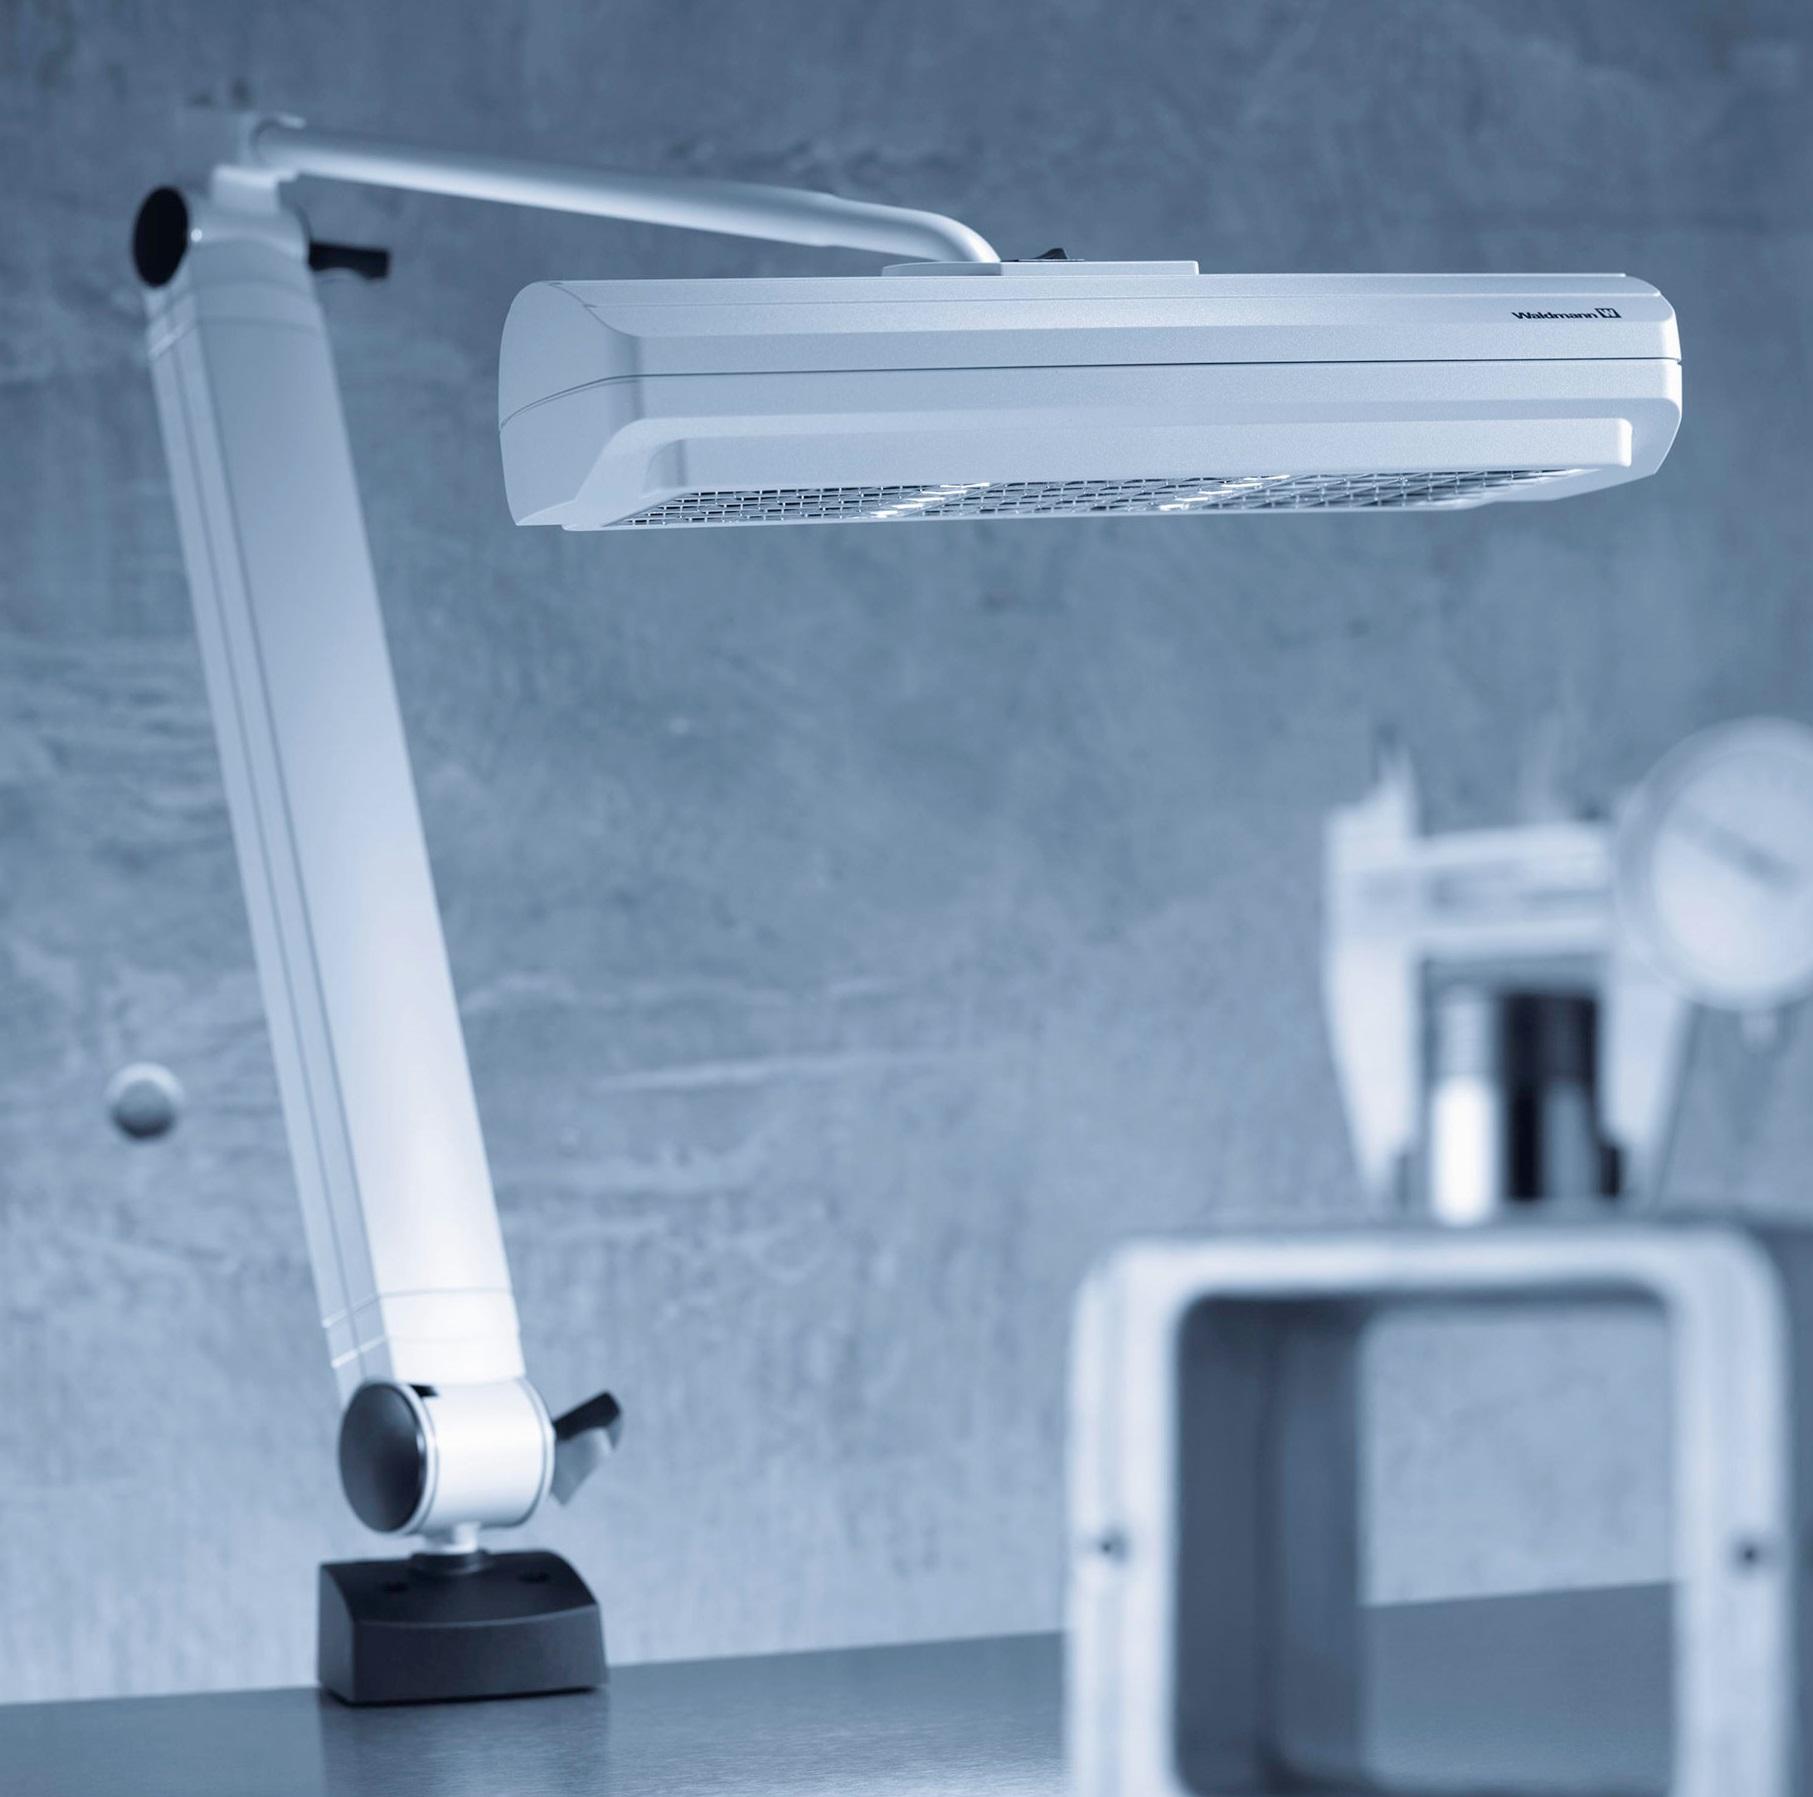 Lampade Da Tavolo Di Lavoro : Lampada da tavolo per banco di lavoro ac supply